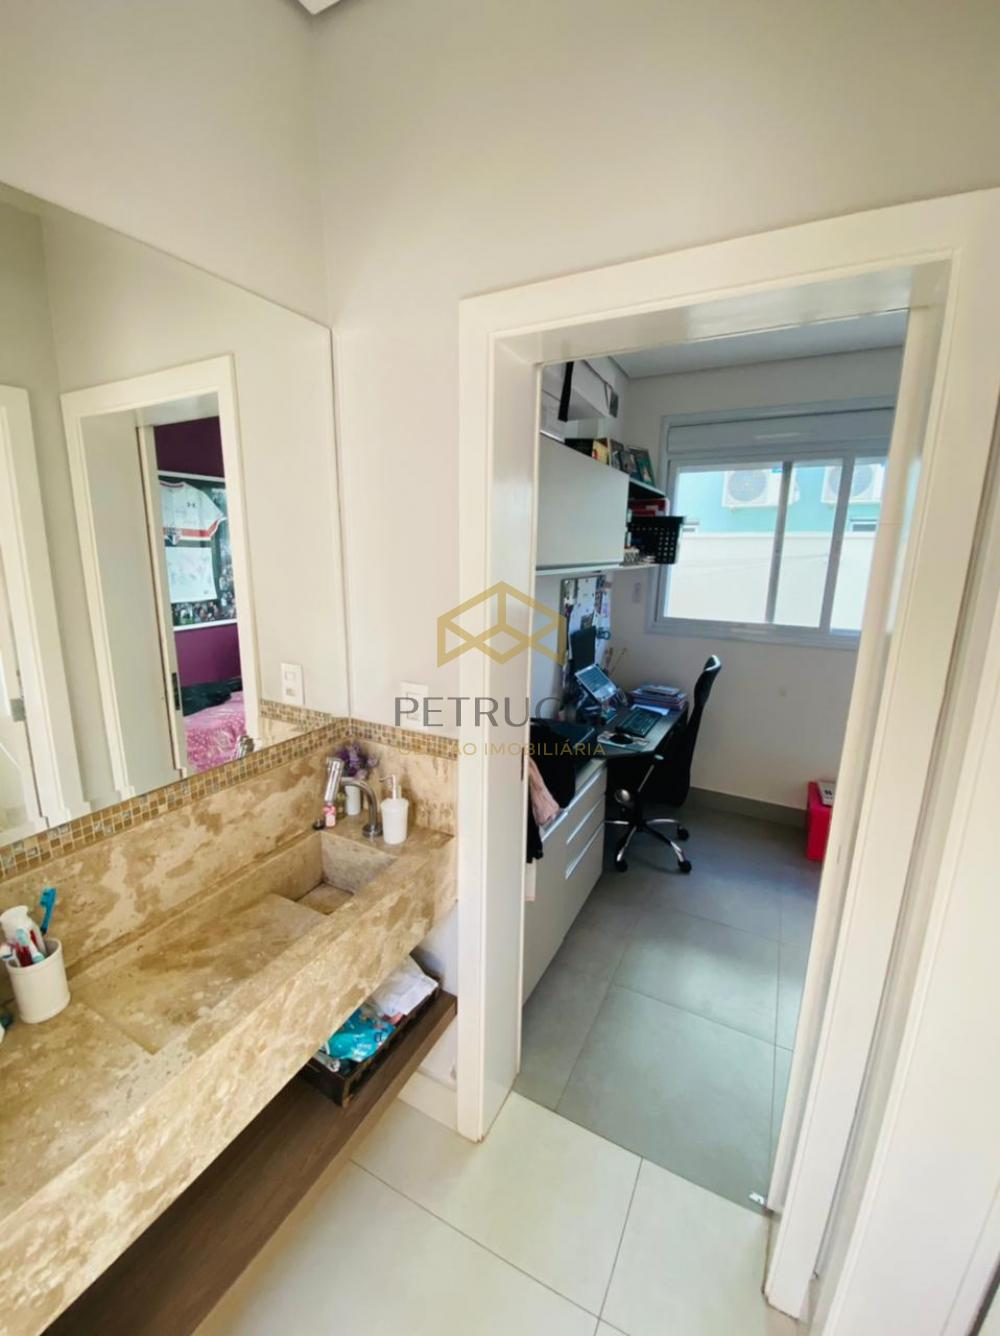 Comprar Casa / Sobrado em Condomínio em Campinas R$ 1.350.000,00 - Foto 25